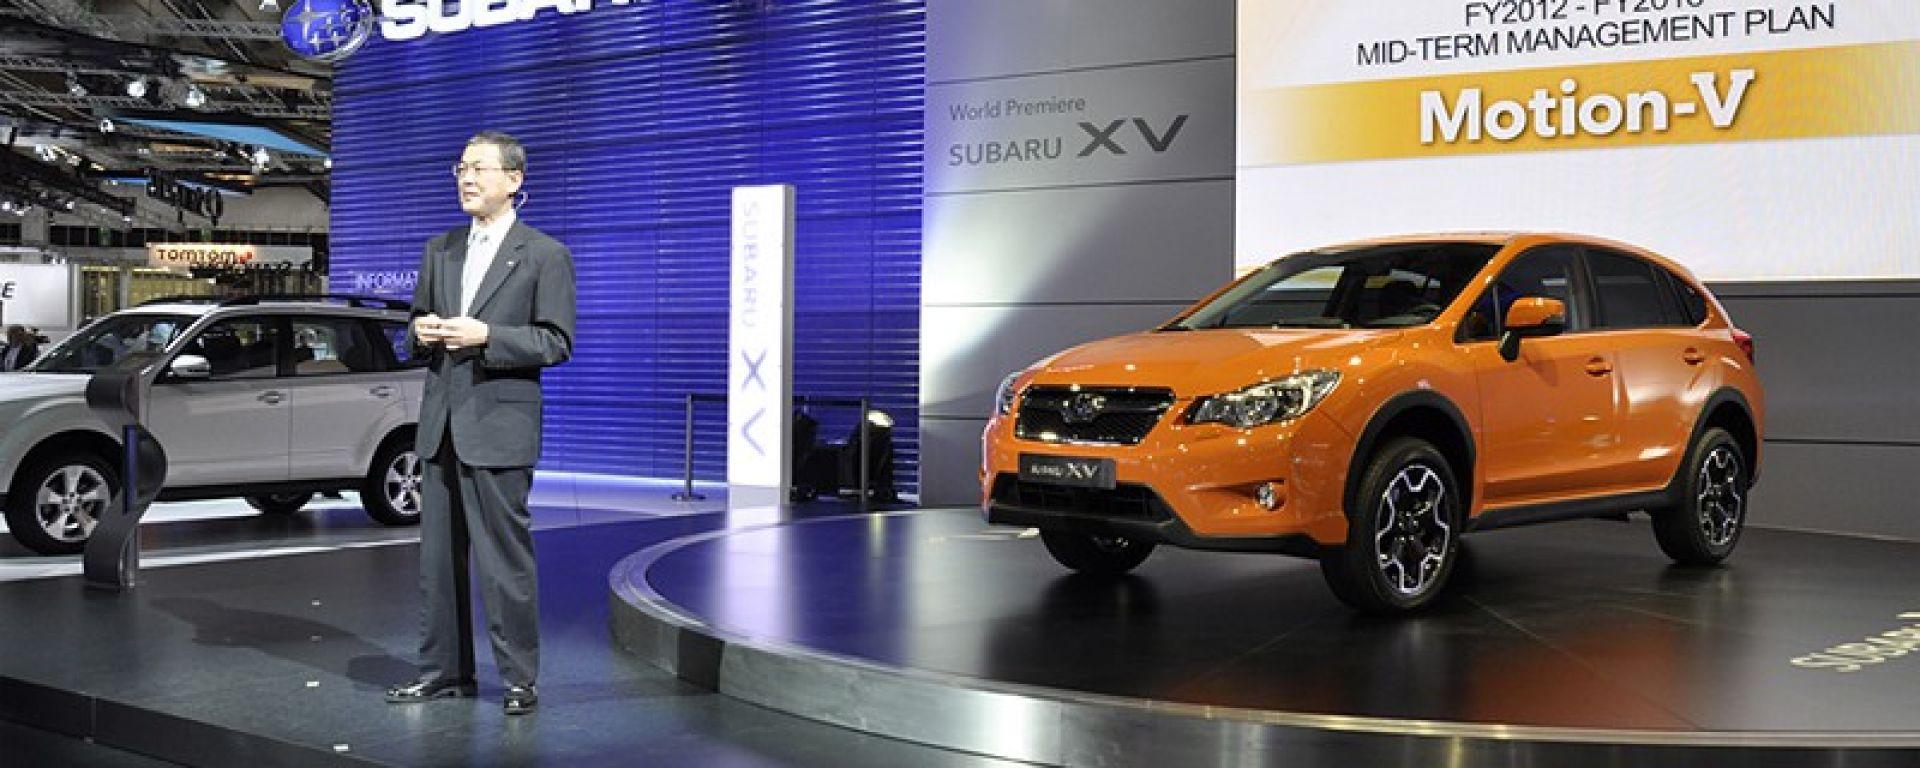 Francoforte IAA 2011: Subaru XV